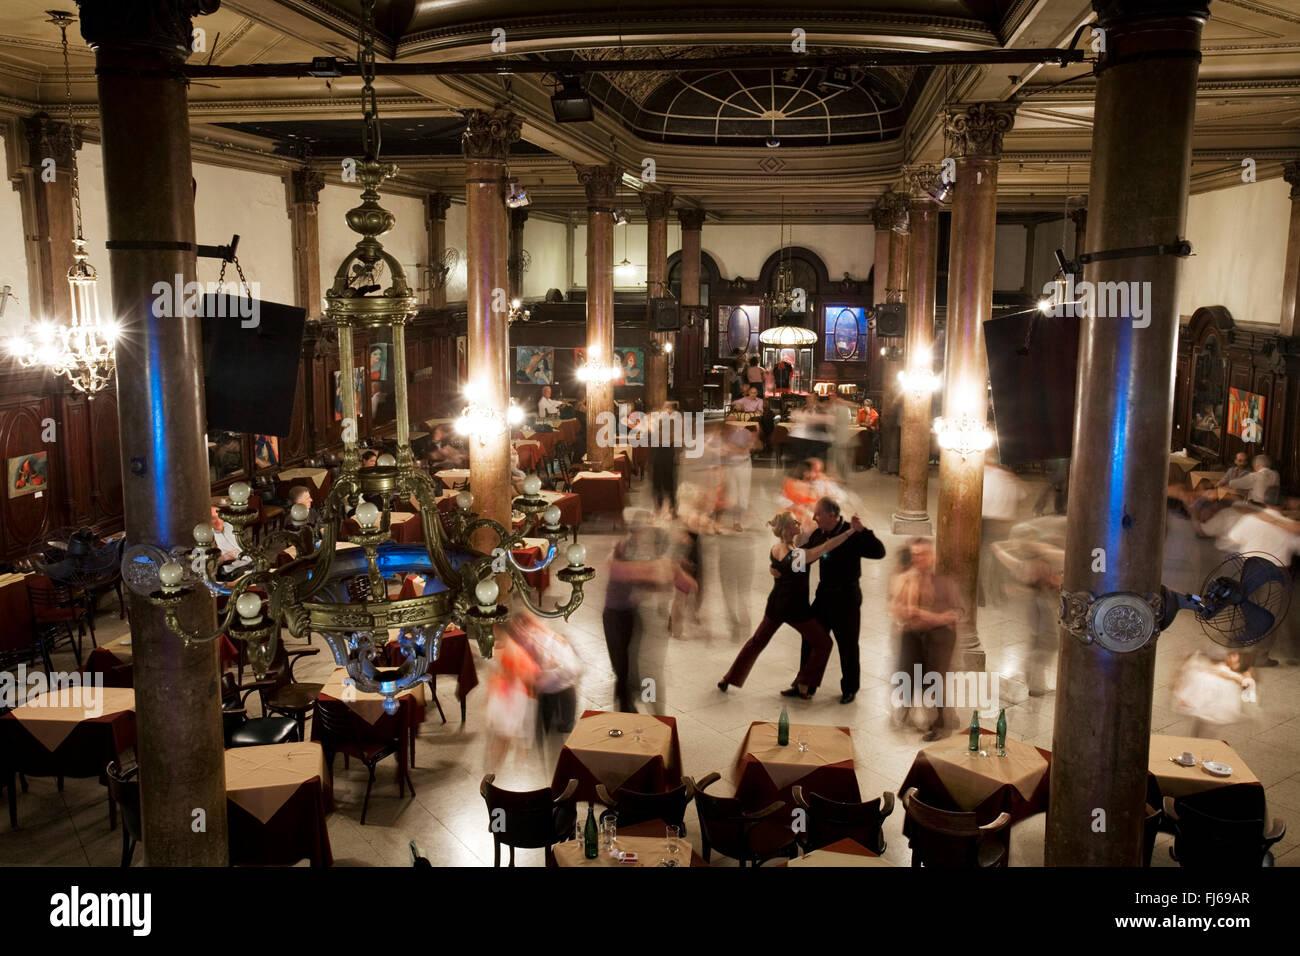 ballroom, Argentina Stock Photo